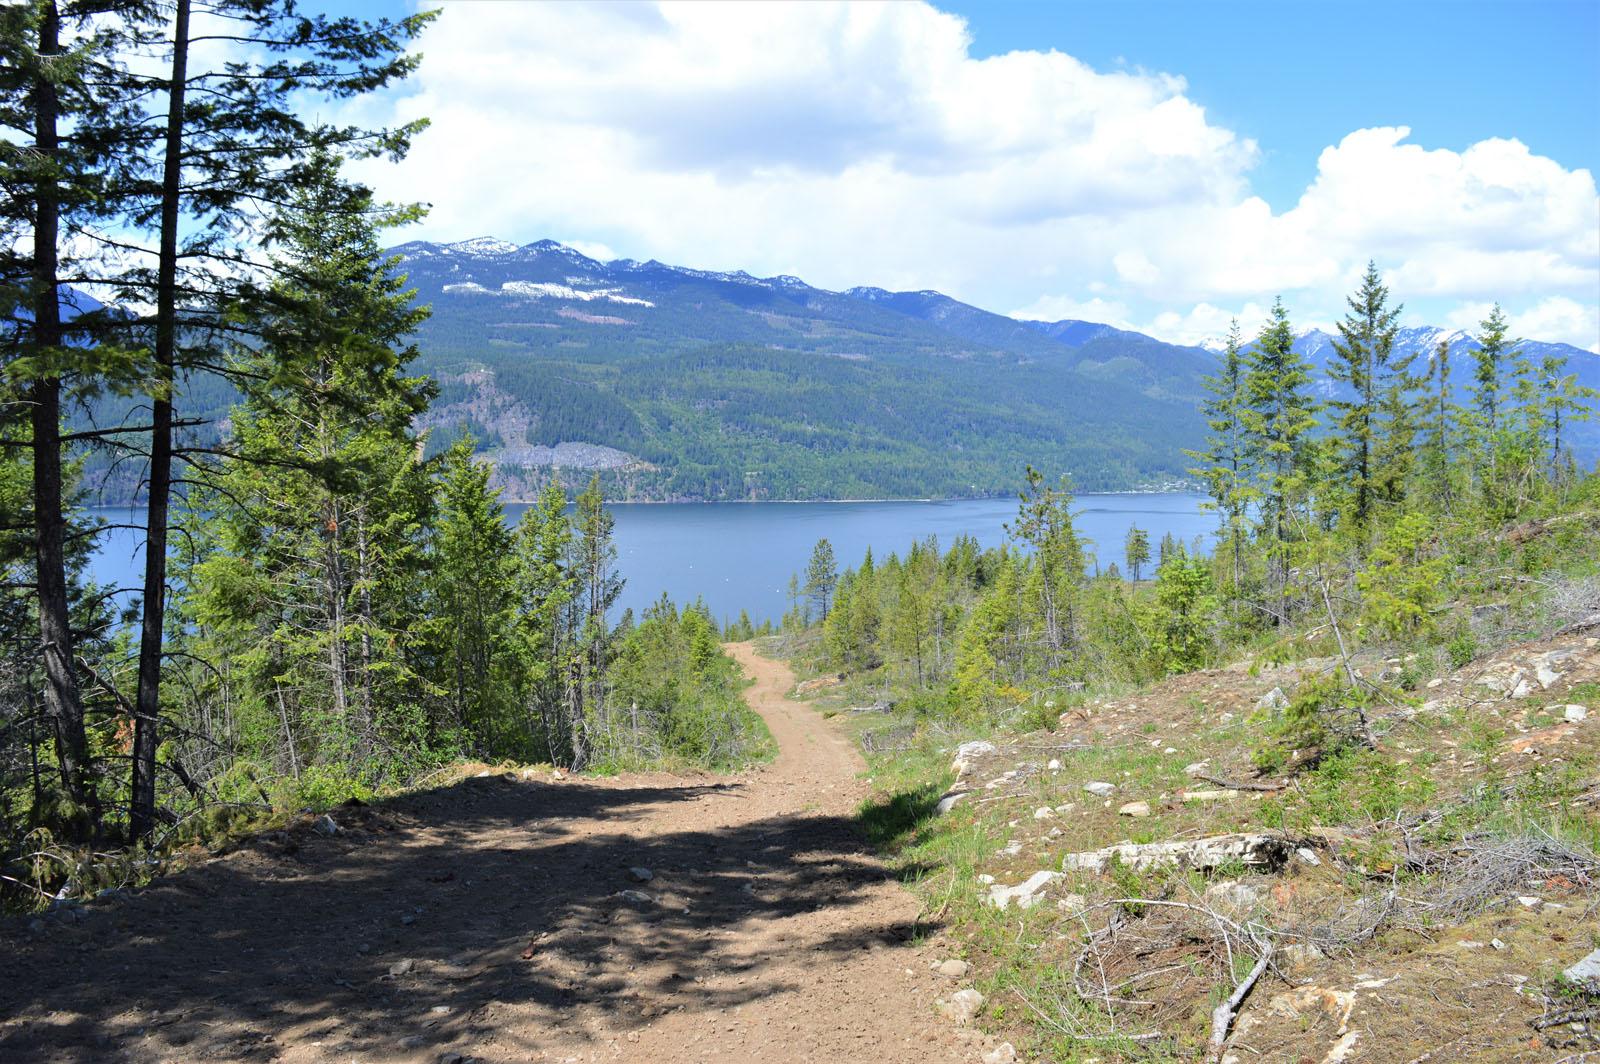 Kootenay lake 24